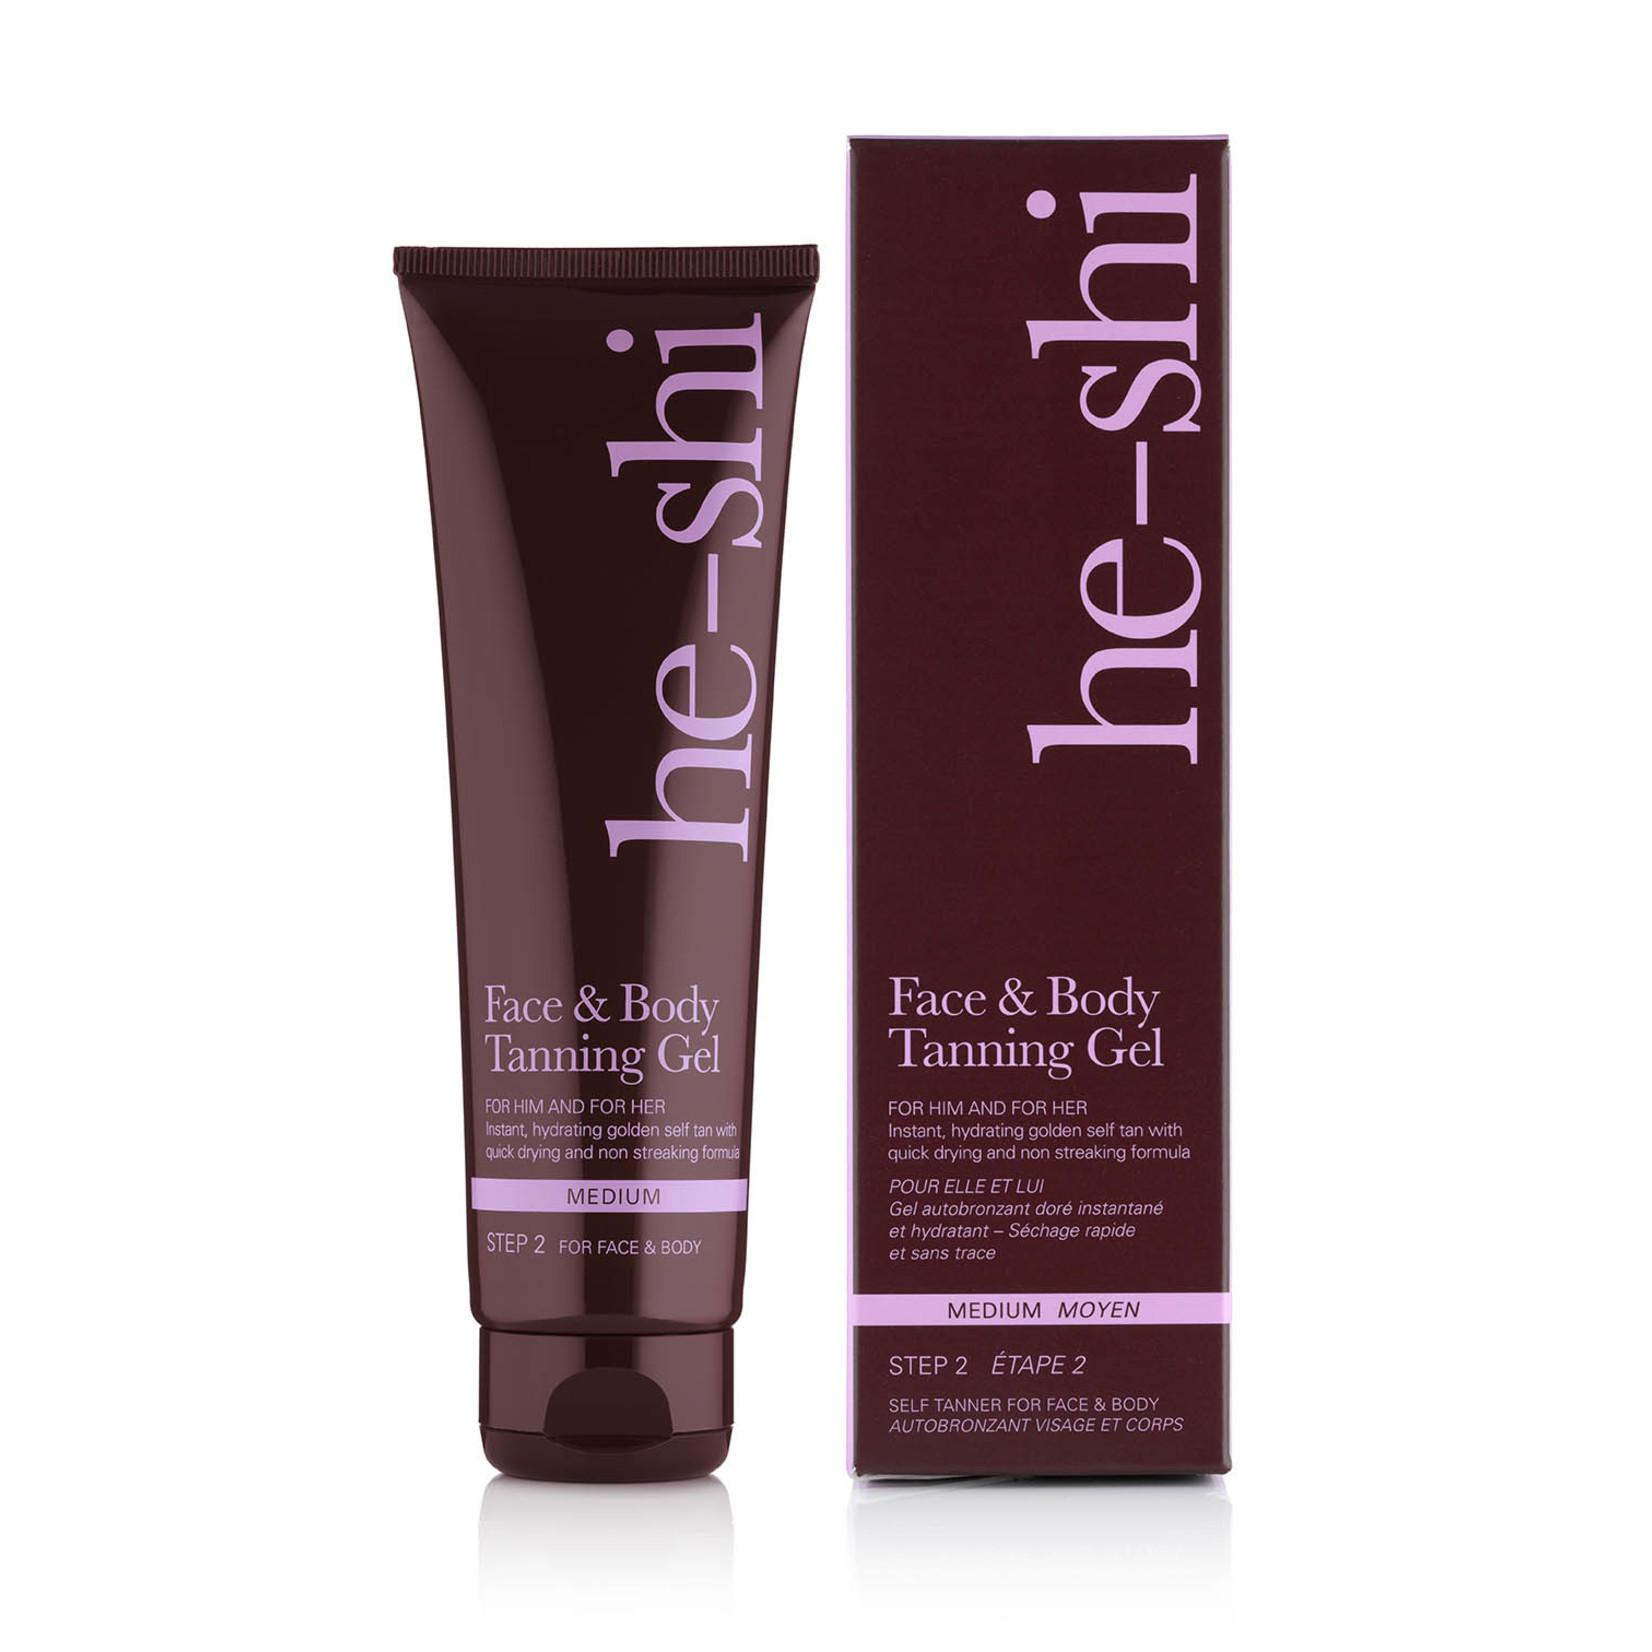 He-shi Face + Body Tanning gel (6% DHA)